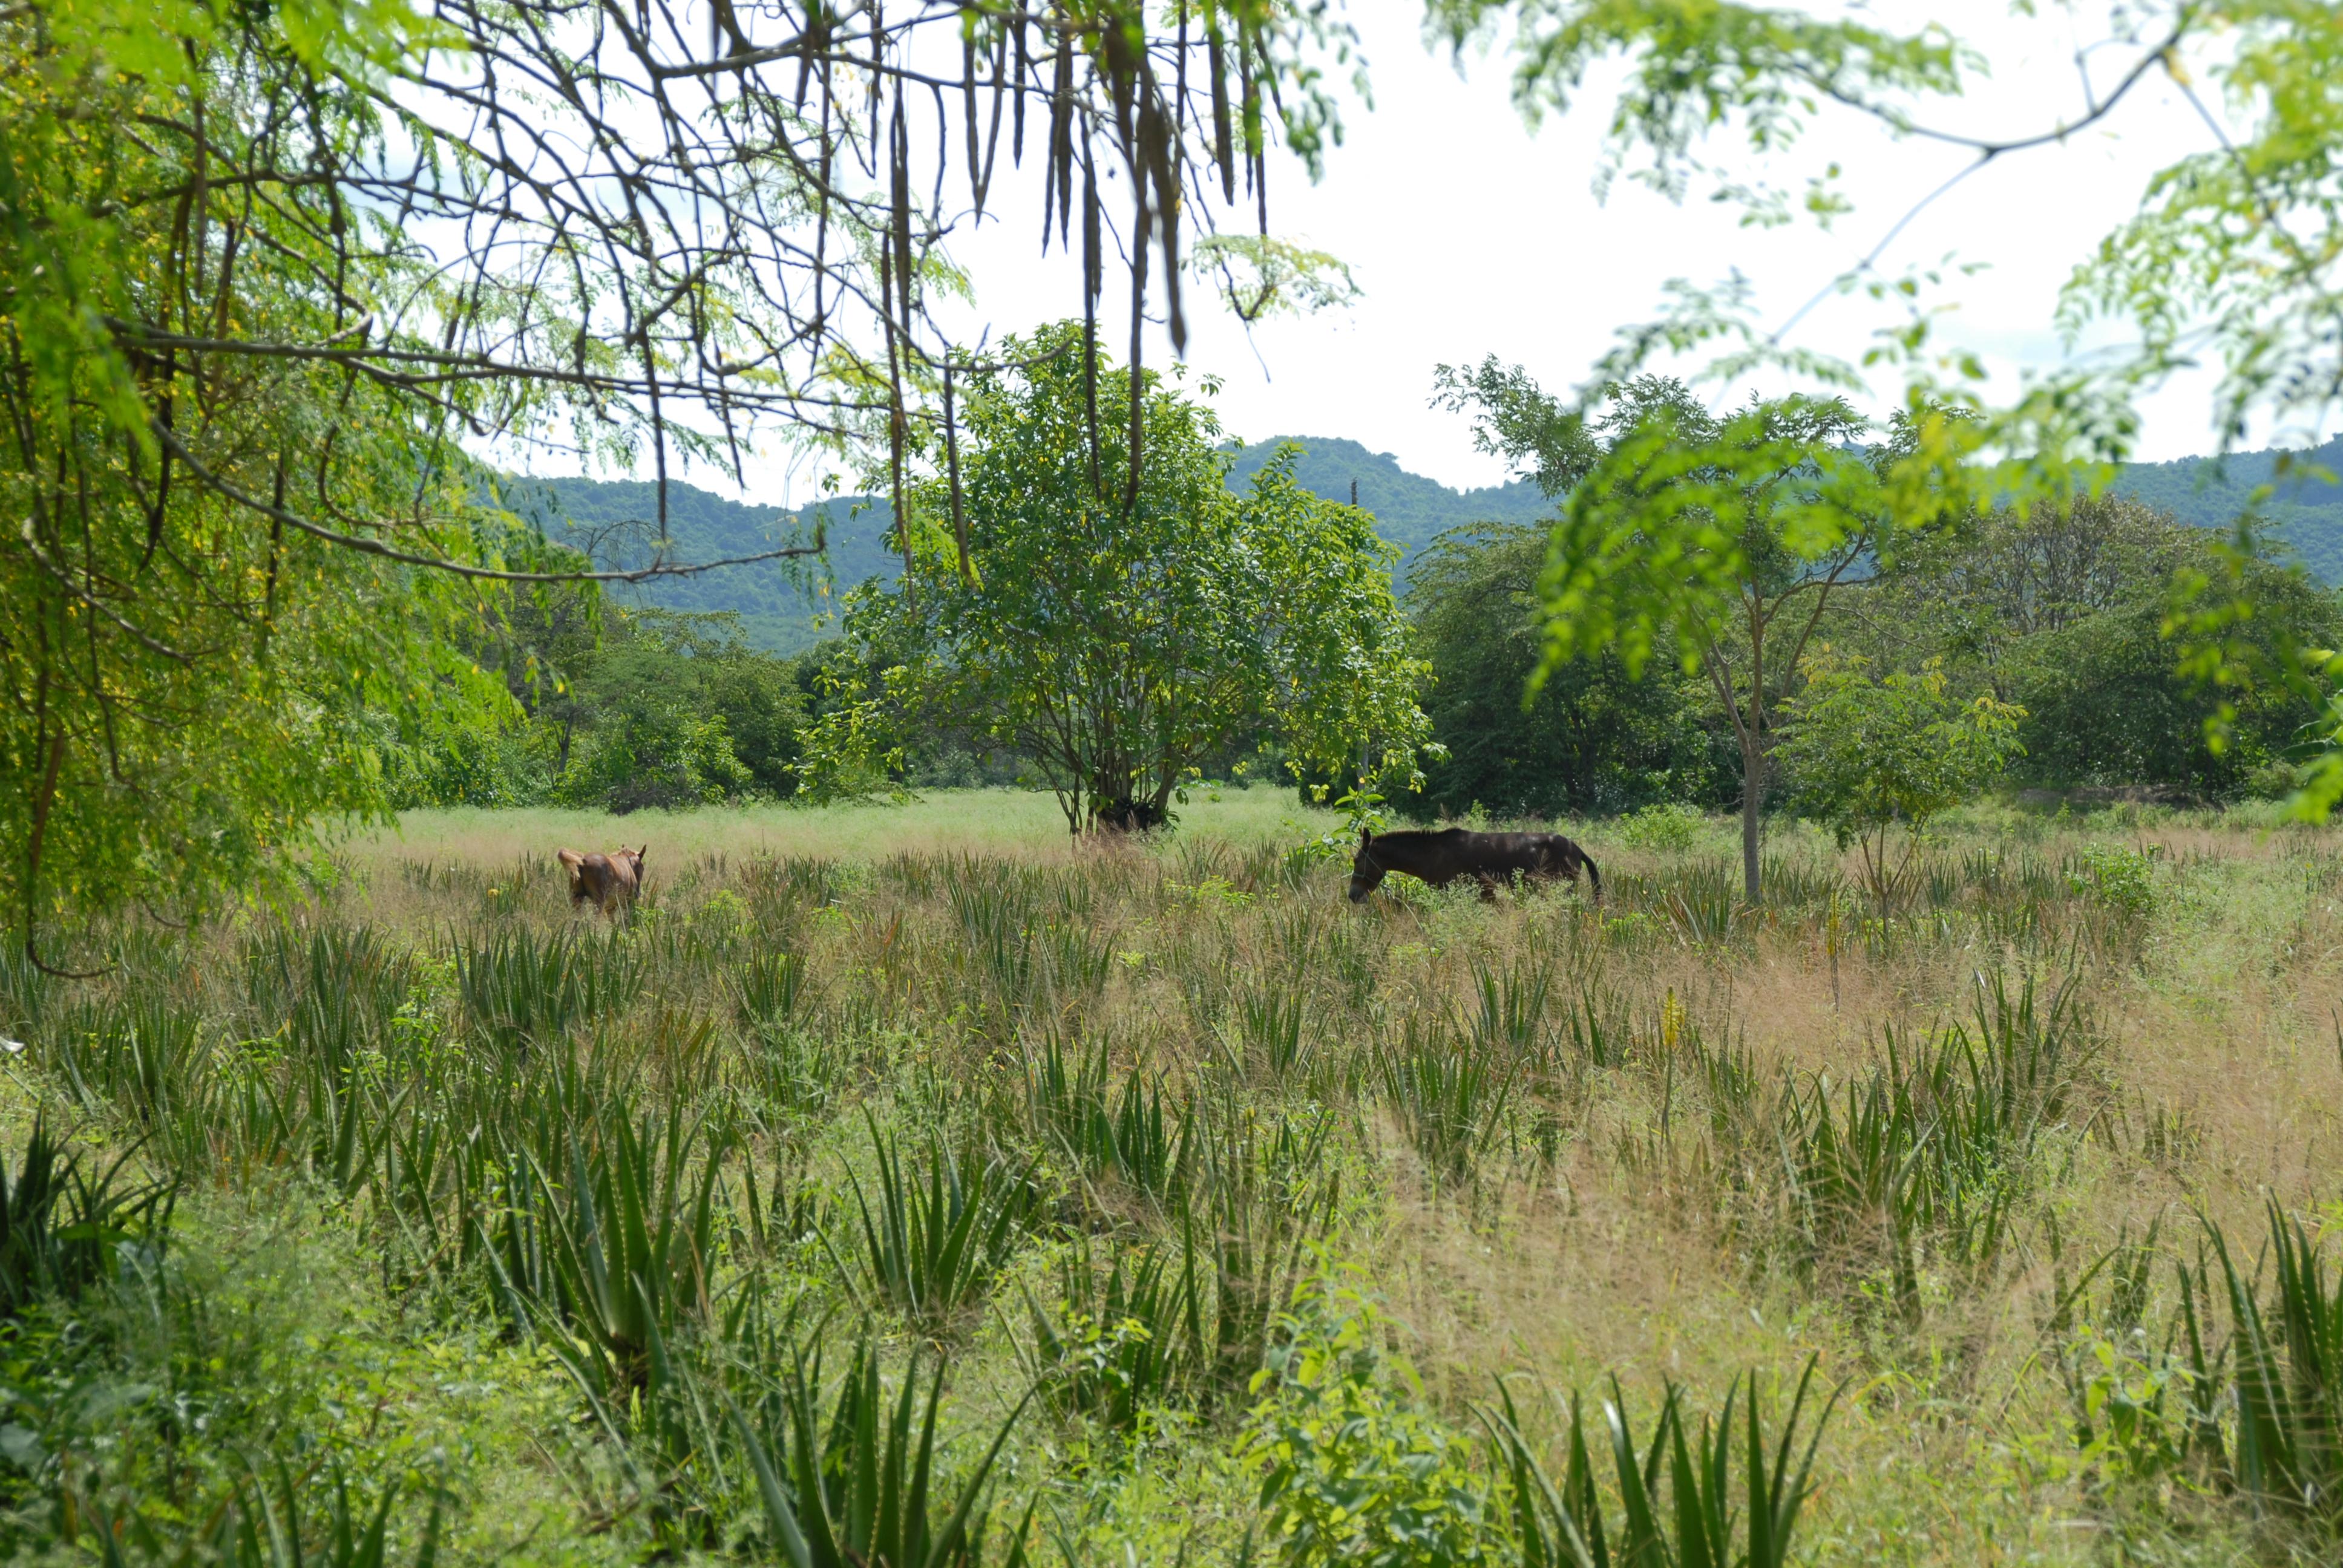 Landschaft Mischkultur mit Aloe Vera Pflanzen und Pferden